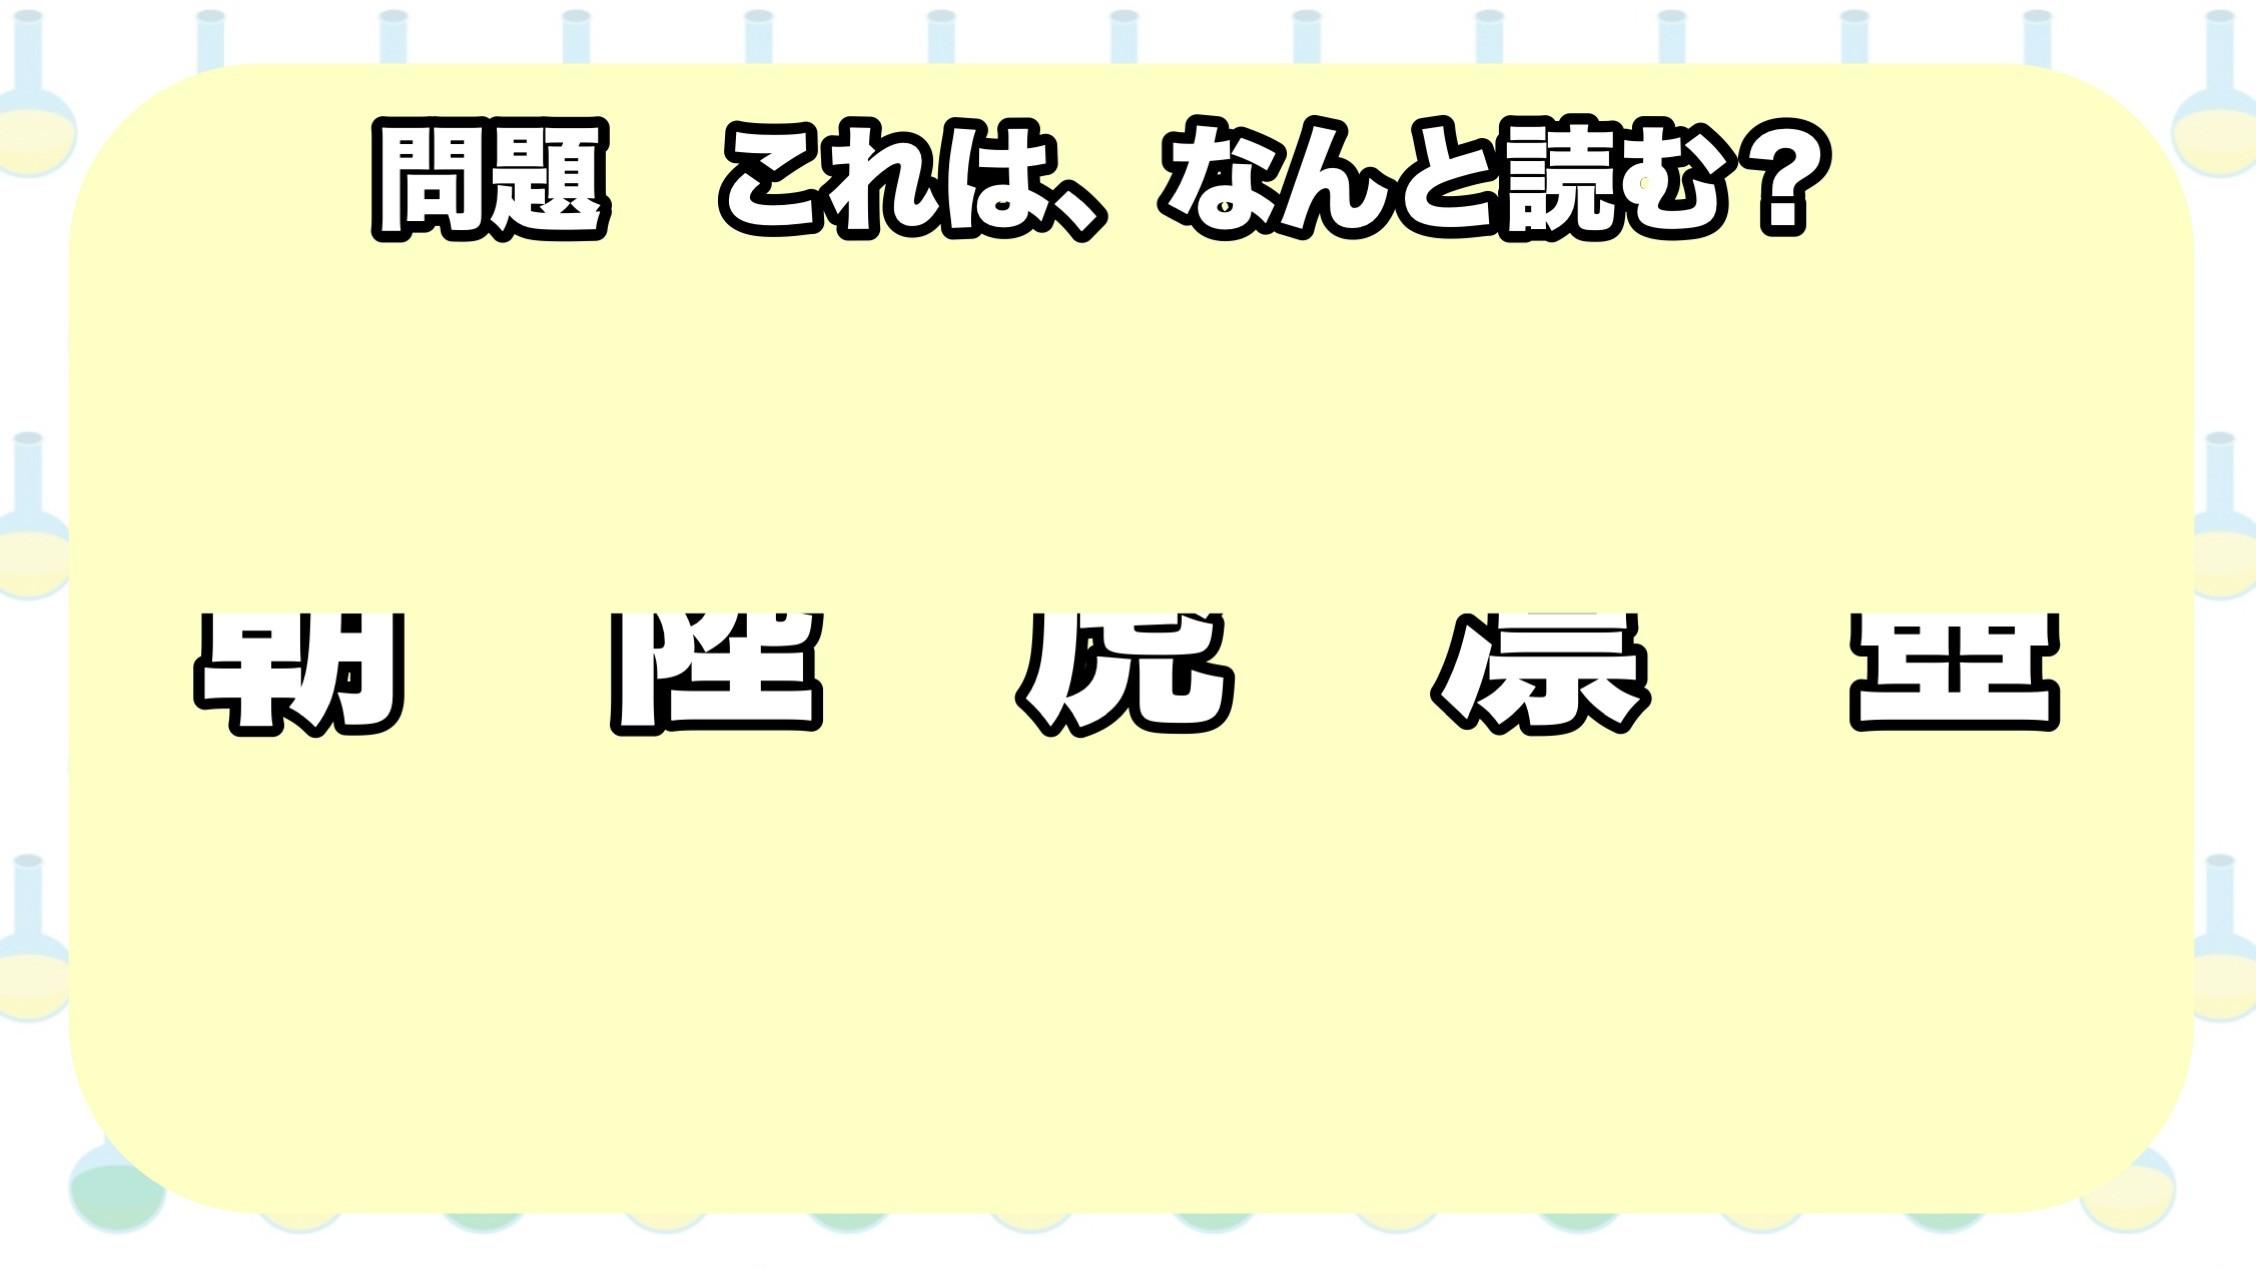 スライド19.JPEG